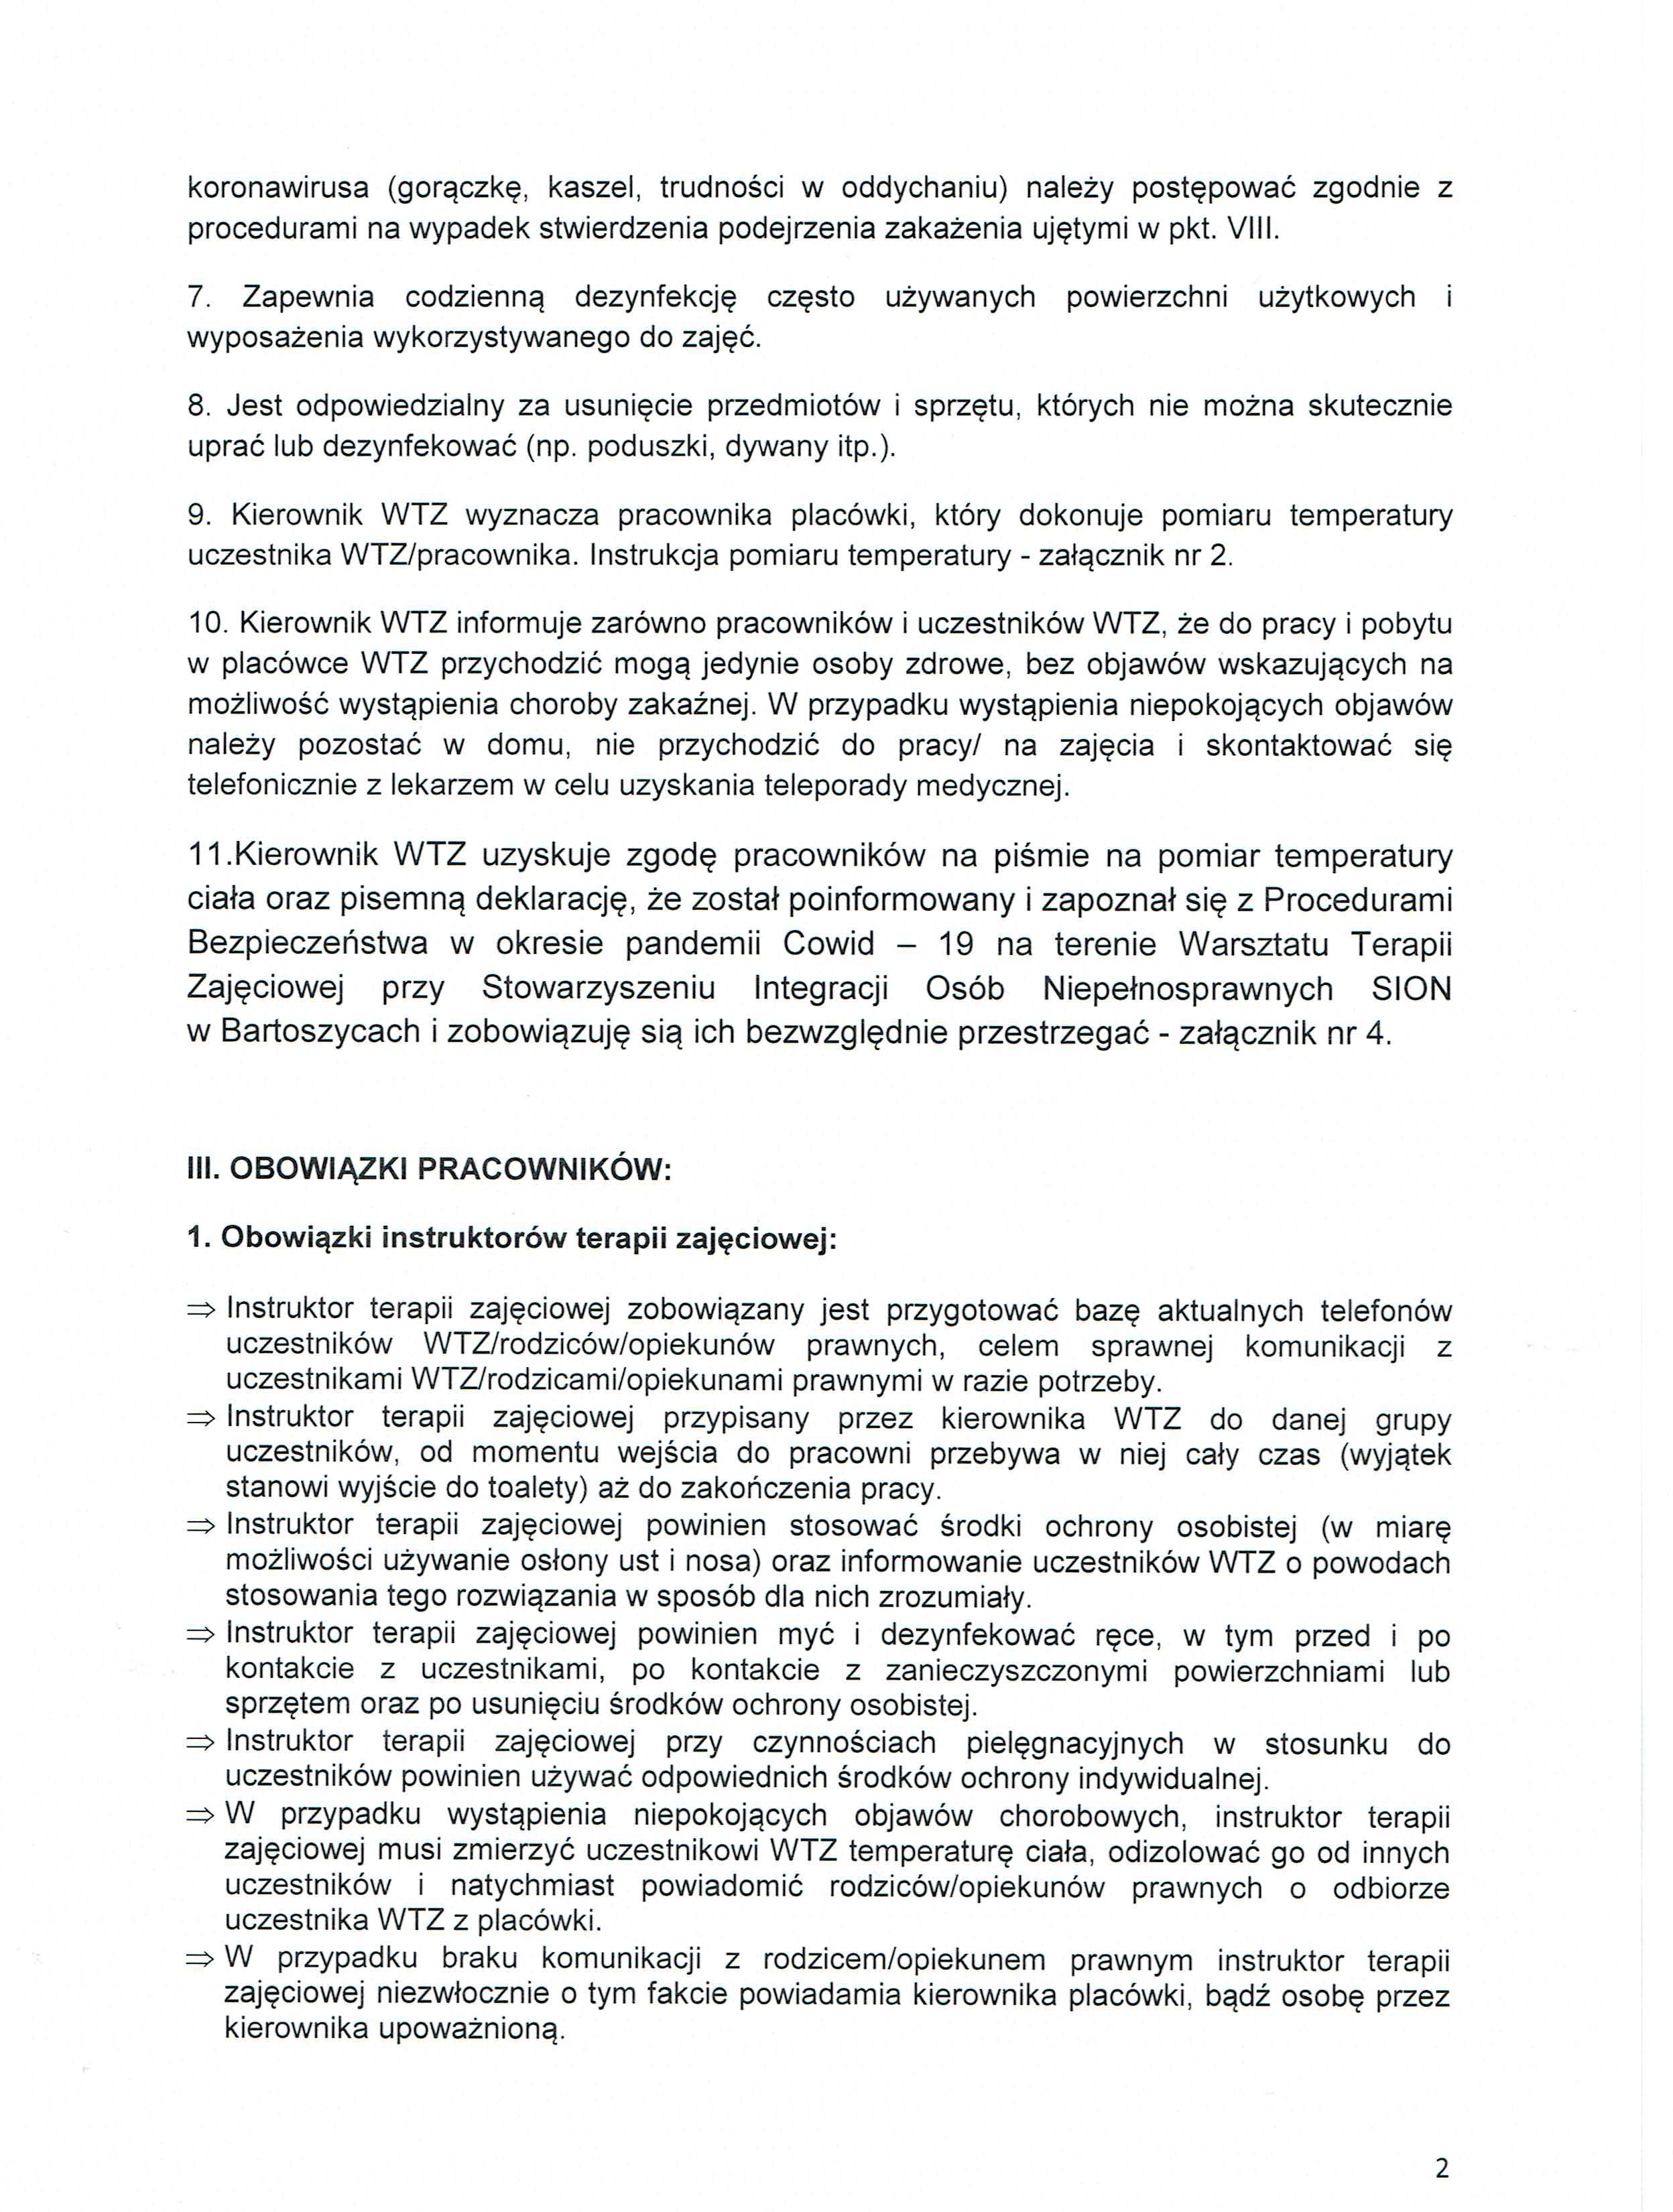 Procedury-postepowania-w-okresie-pandemii-COVID-19-2